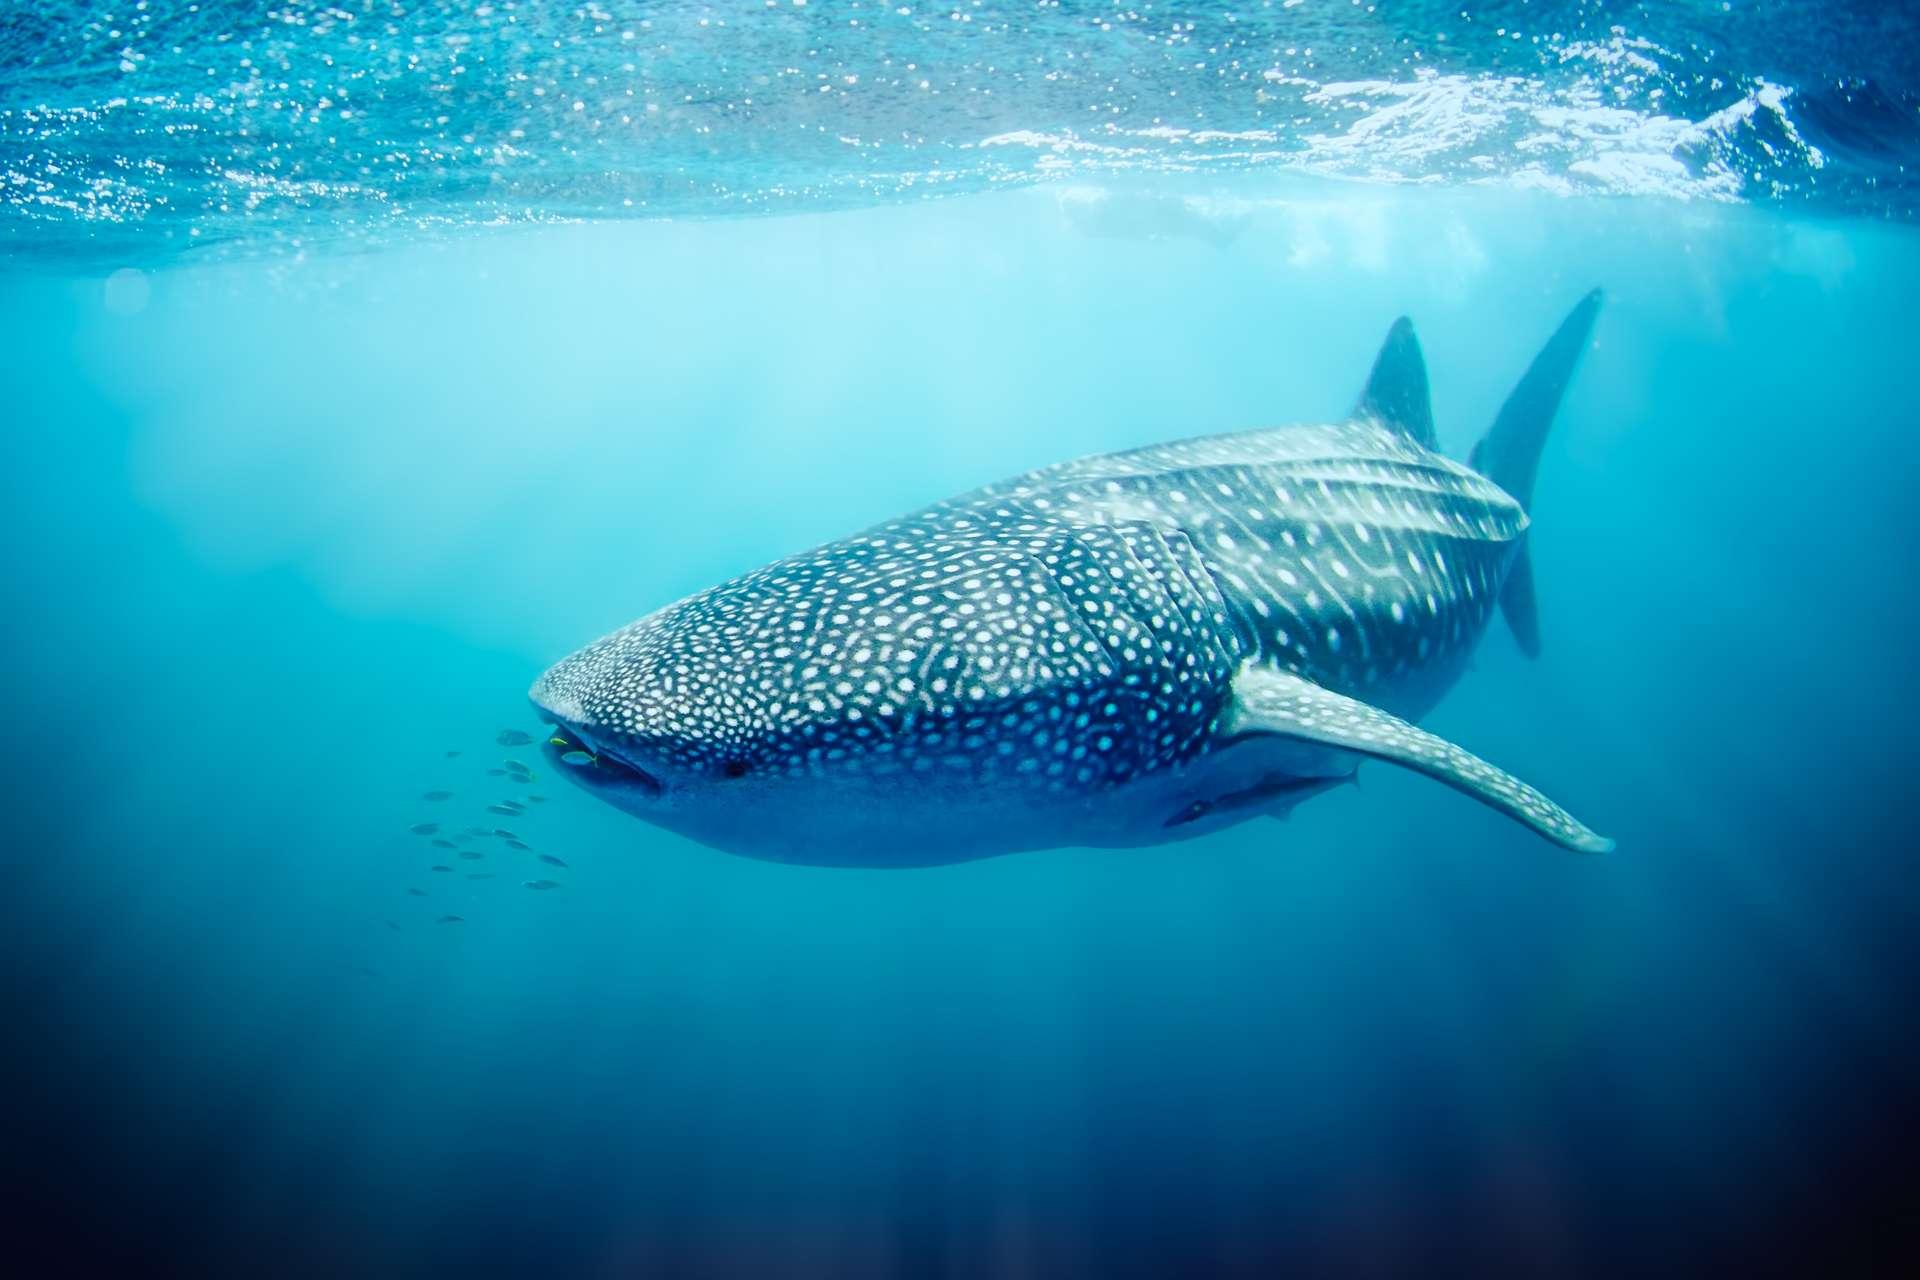 Les requins baleines peuvent atteindre jusqu'à 20 mètres de long ! © Alex, Adobe Stock